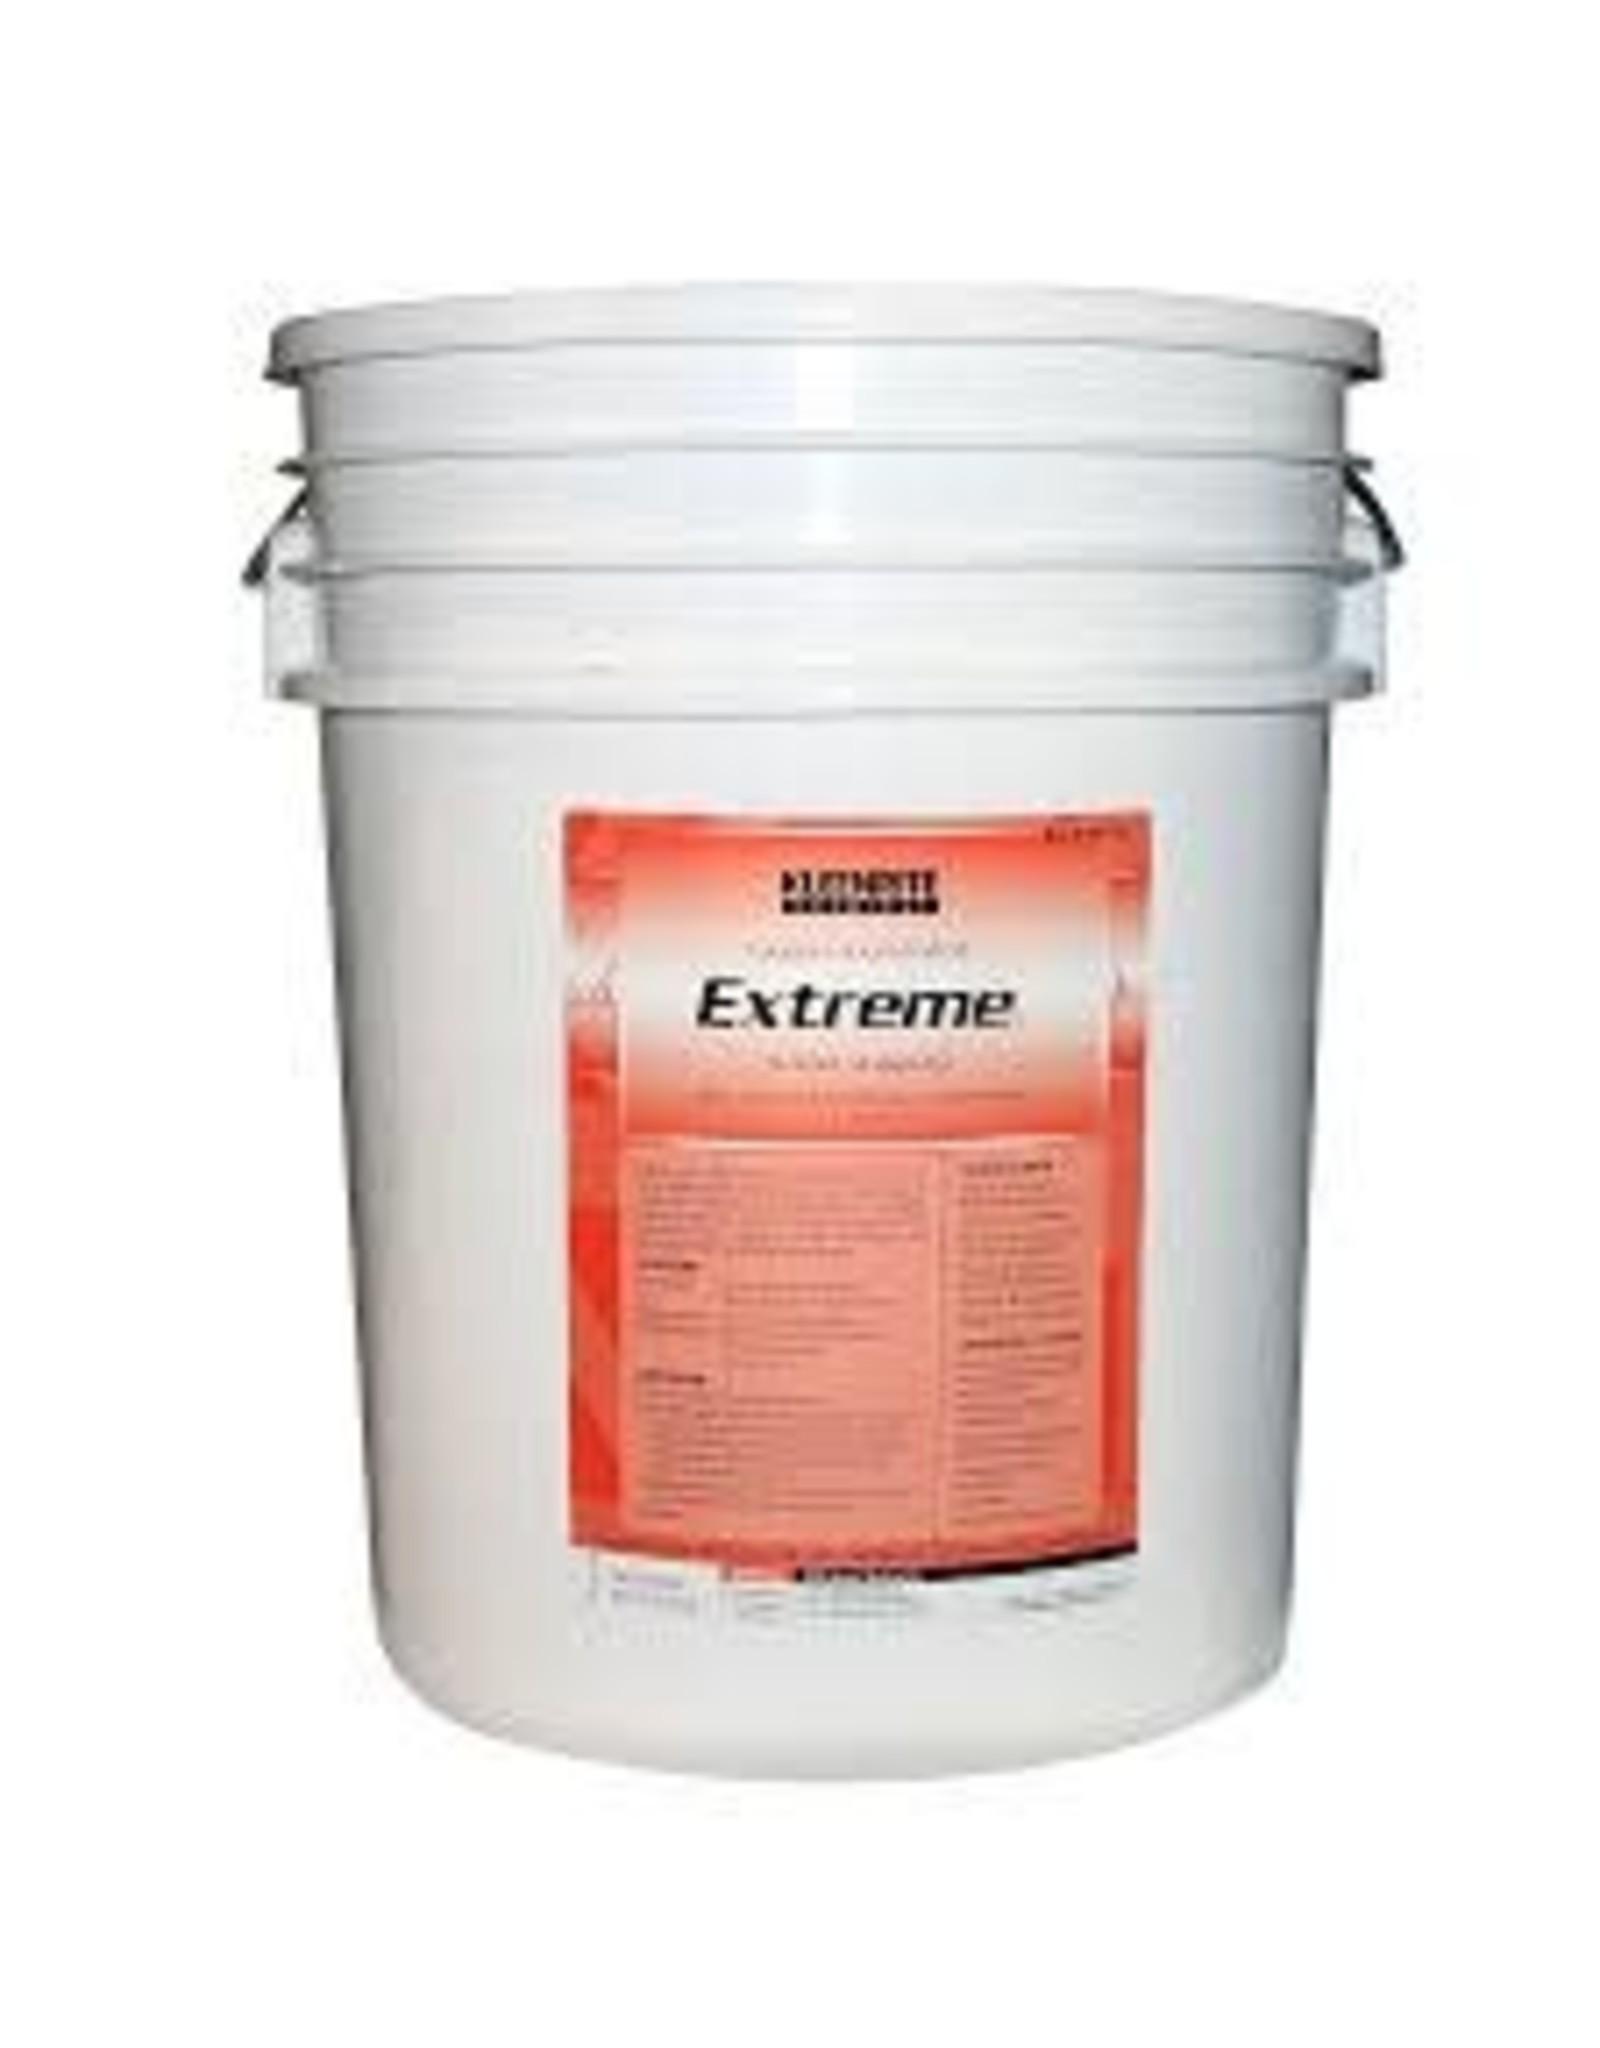 Kleenrite Extreme